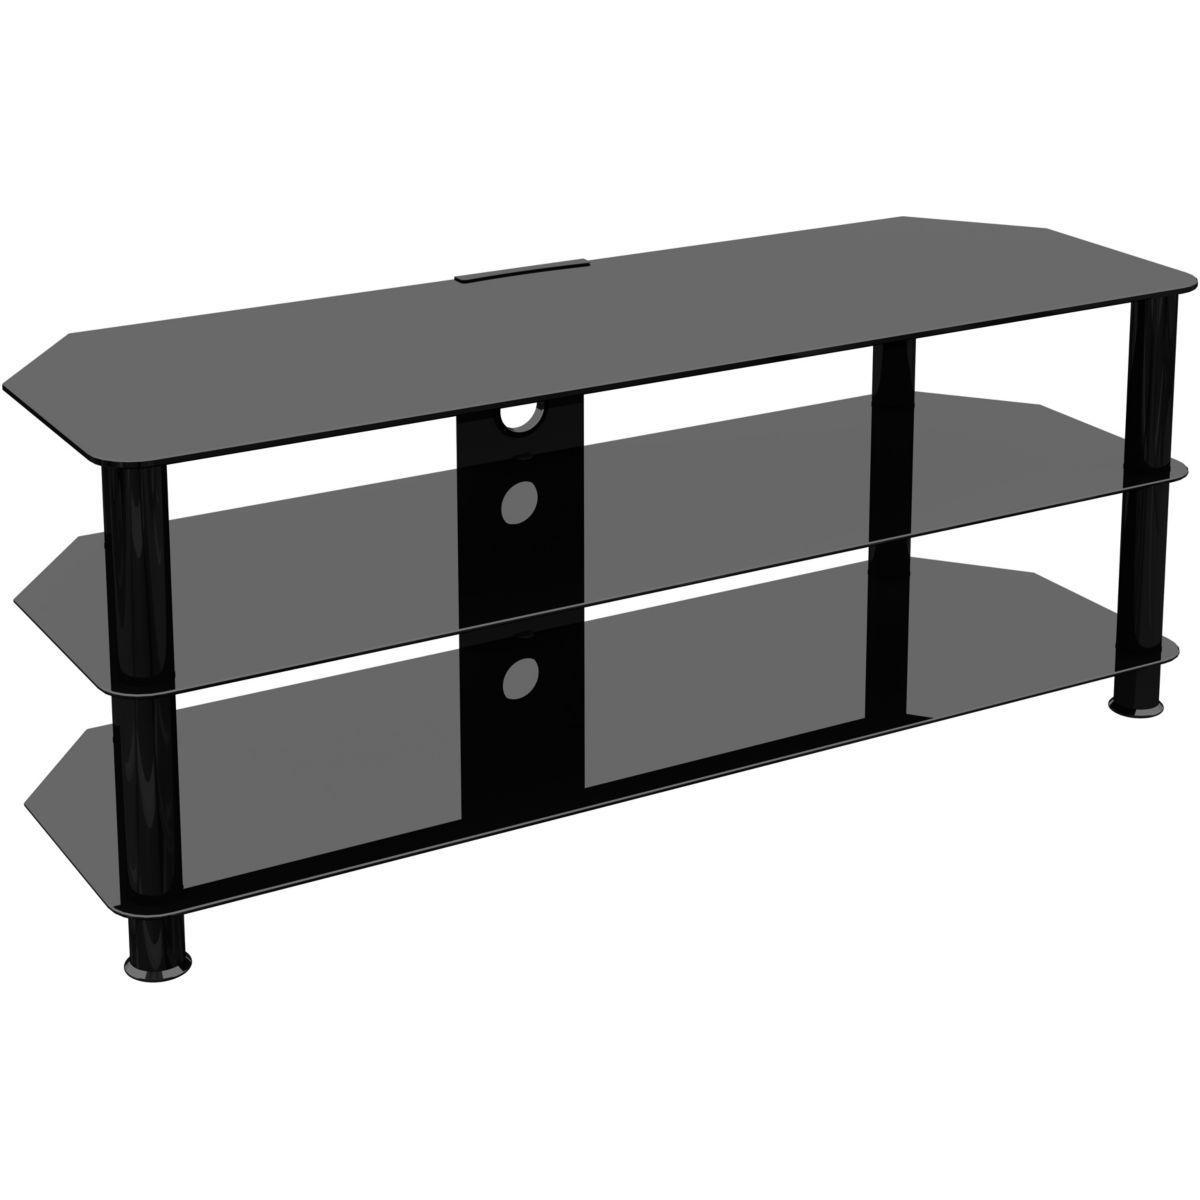 Meuble Tv Avec Cache Fils meuble tv sdc 1250 60'' avec cache câbles - taille : taille